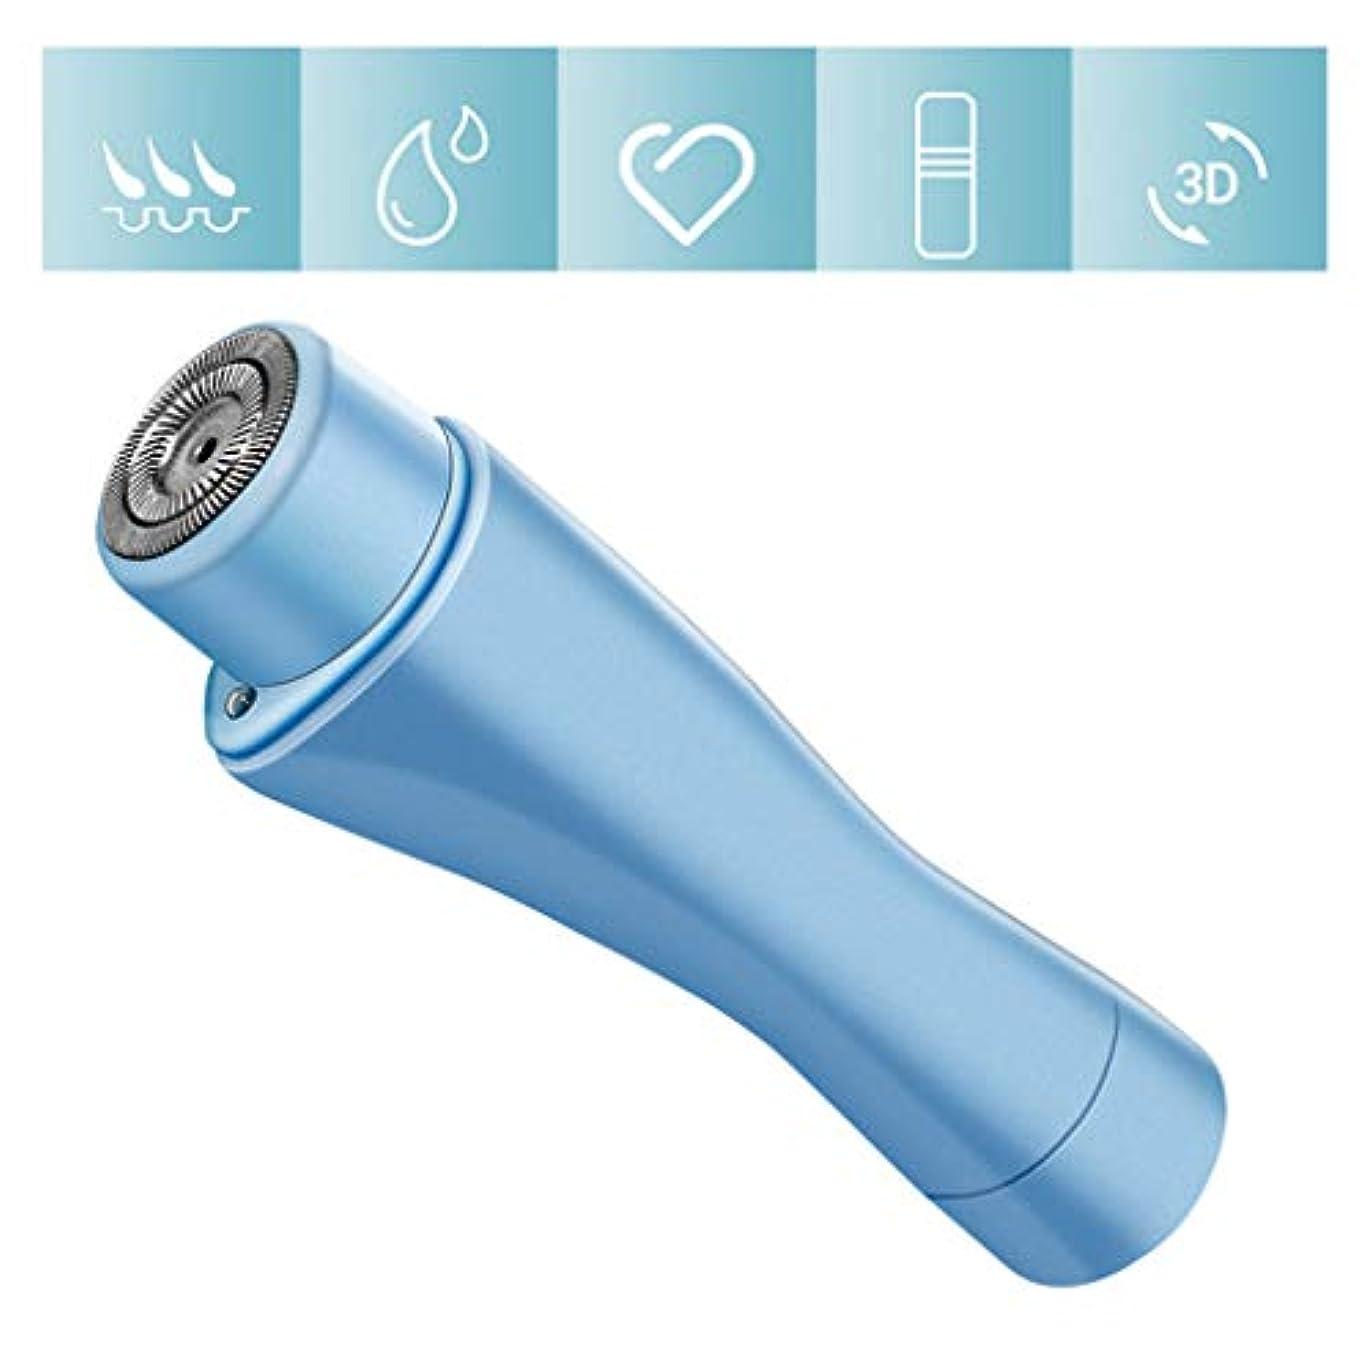 かみそり電気かみそりに適していますミニ洗える女性だけが脱毛髪、脚、脇の下、私用部品などを持っています。,Blue